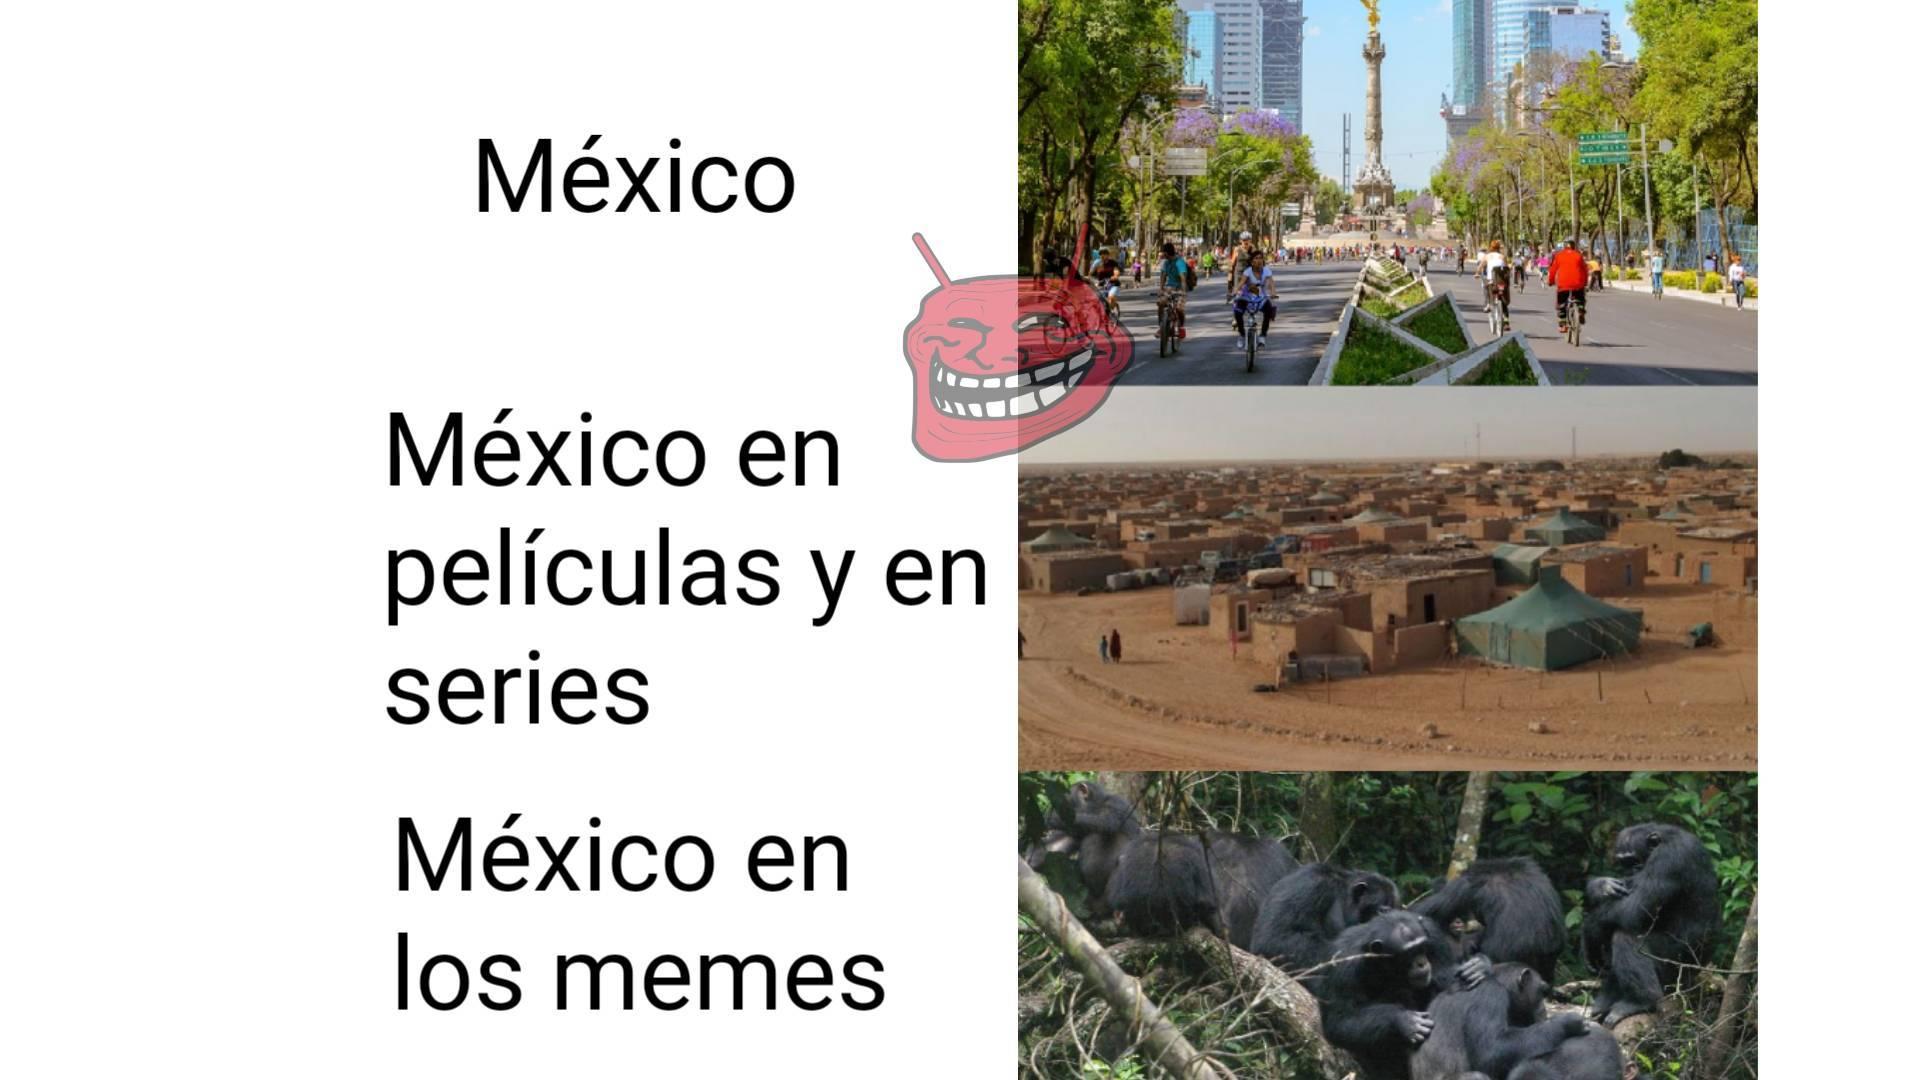 Aquí hay un meme